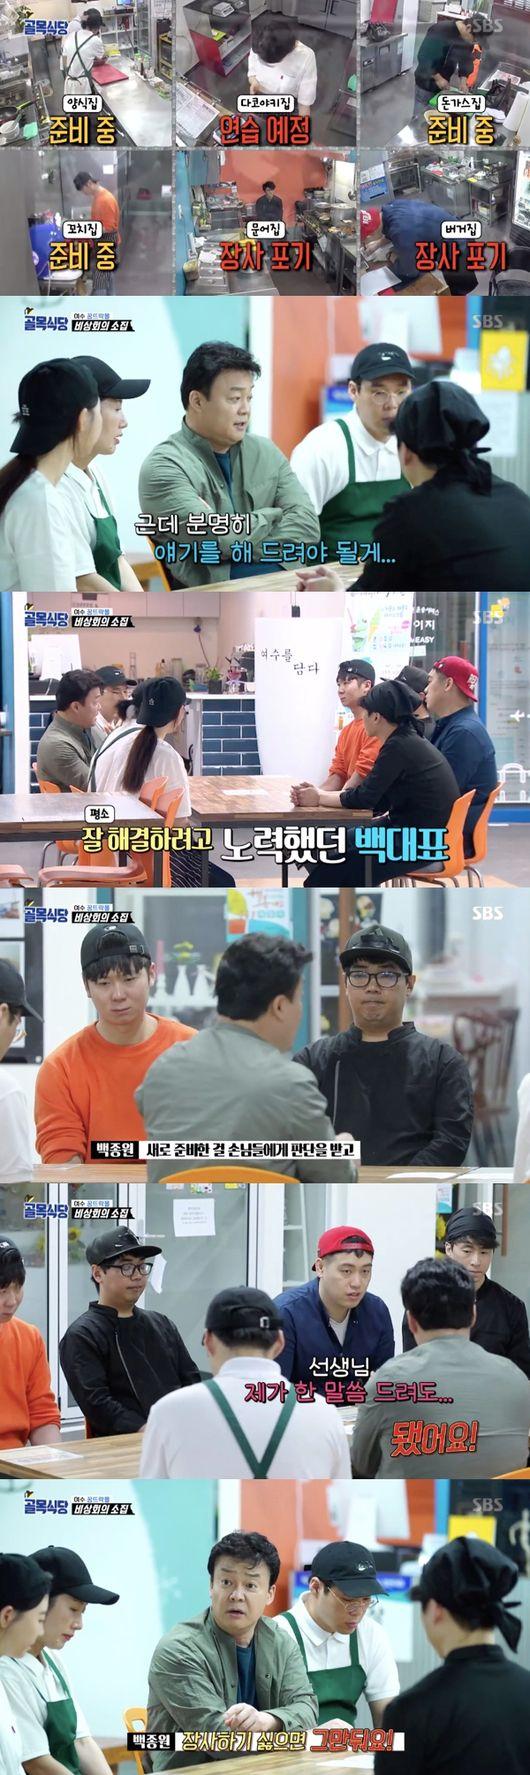 [사진=SBS 방송화면] '백종원의 골목식당' 여수 꿈뜨락몰 백종원 분노